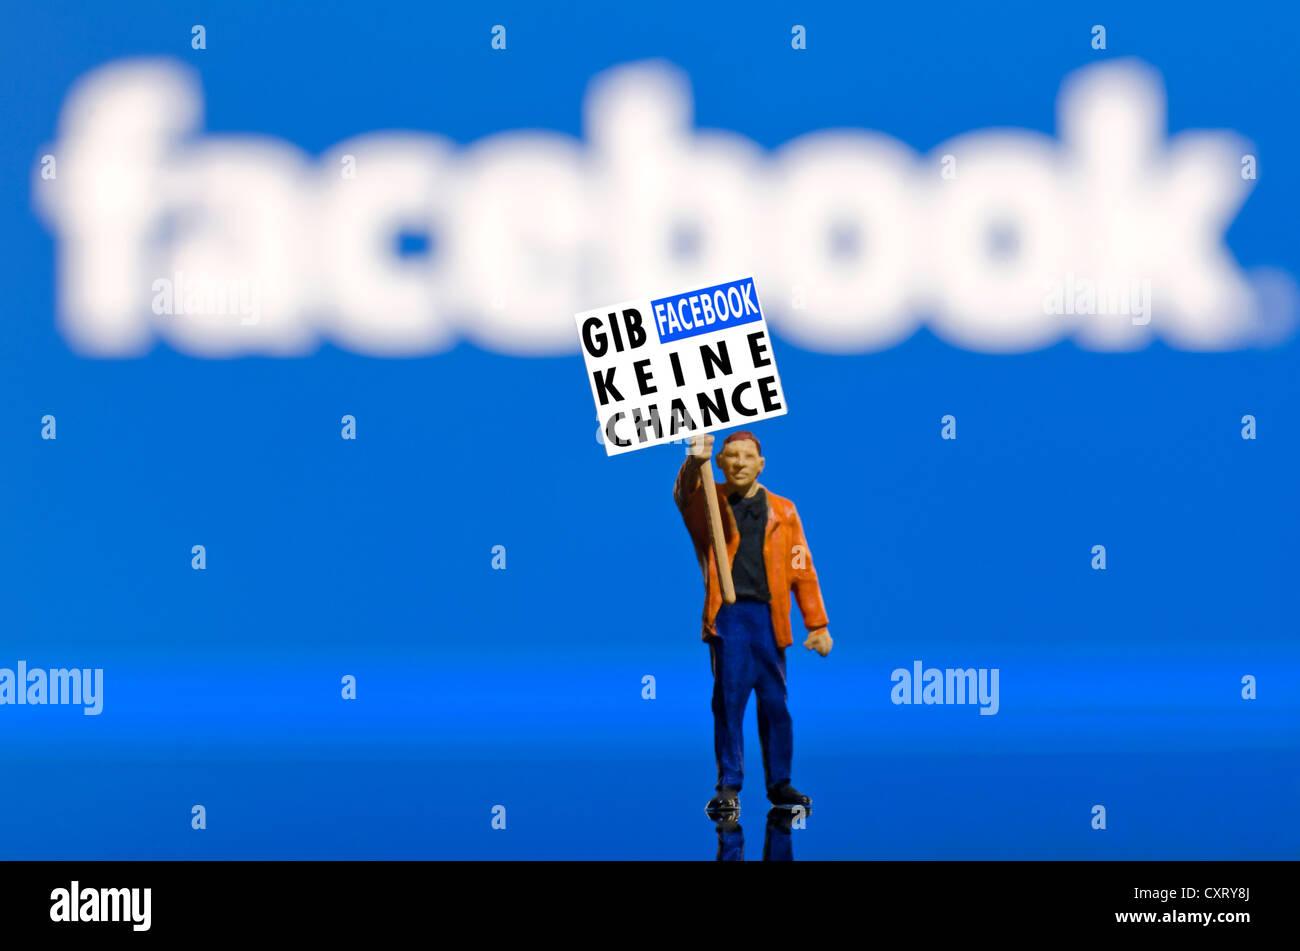 La tenue d'un manifestant, lettrage conseil 'Gib Facebook keine Chance', l'allemand pour 'Pas Photo Stock